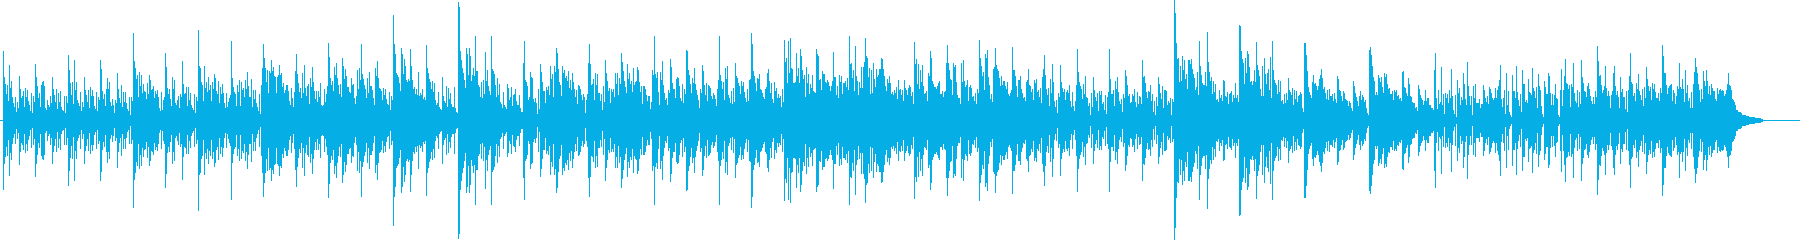 穏やかでぬくもりあるメロディーの再生済みの波形